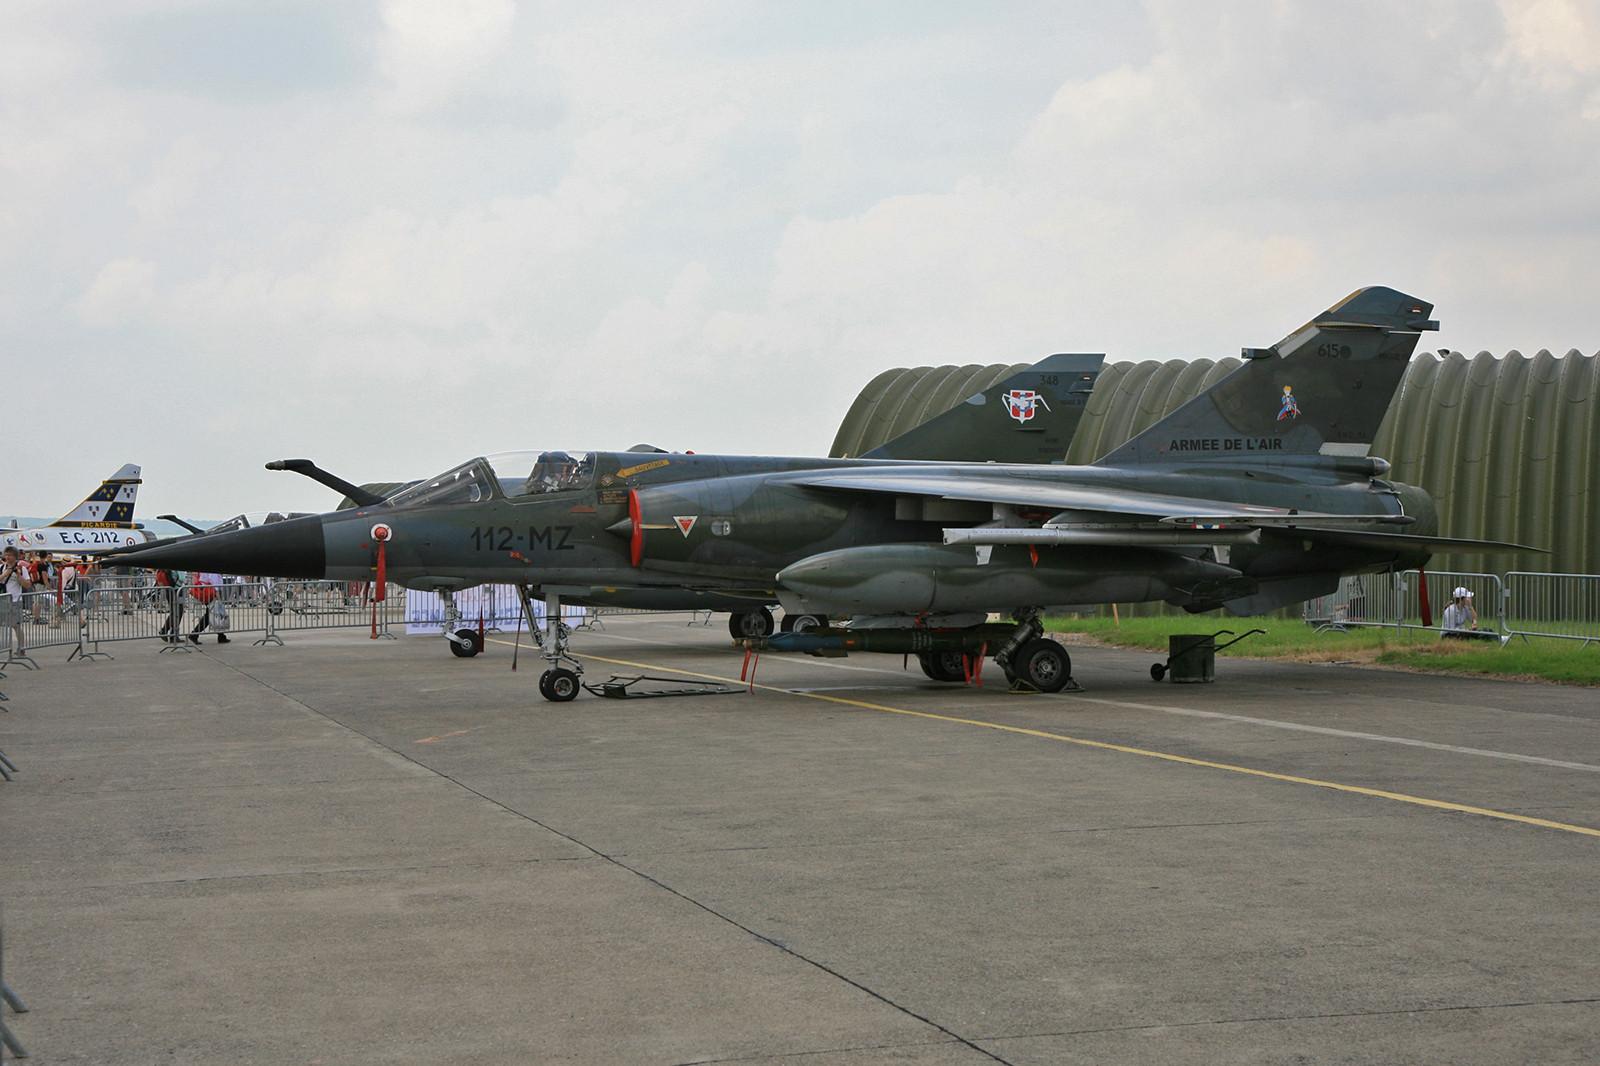 """Nochmals die """"615"""" mit dem kleinen Prinzen und zwei Übungsbomben vom Typ GBU."""